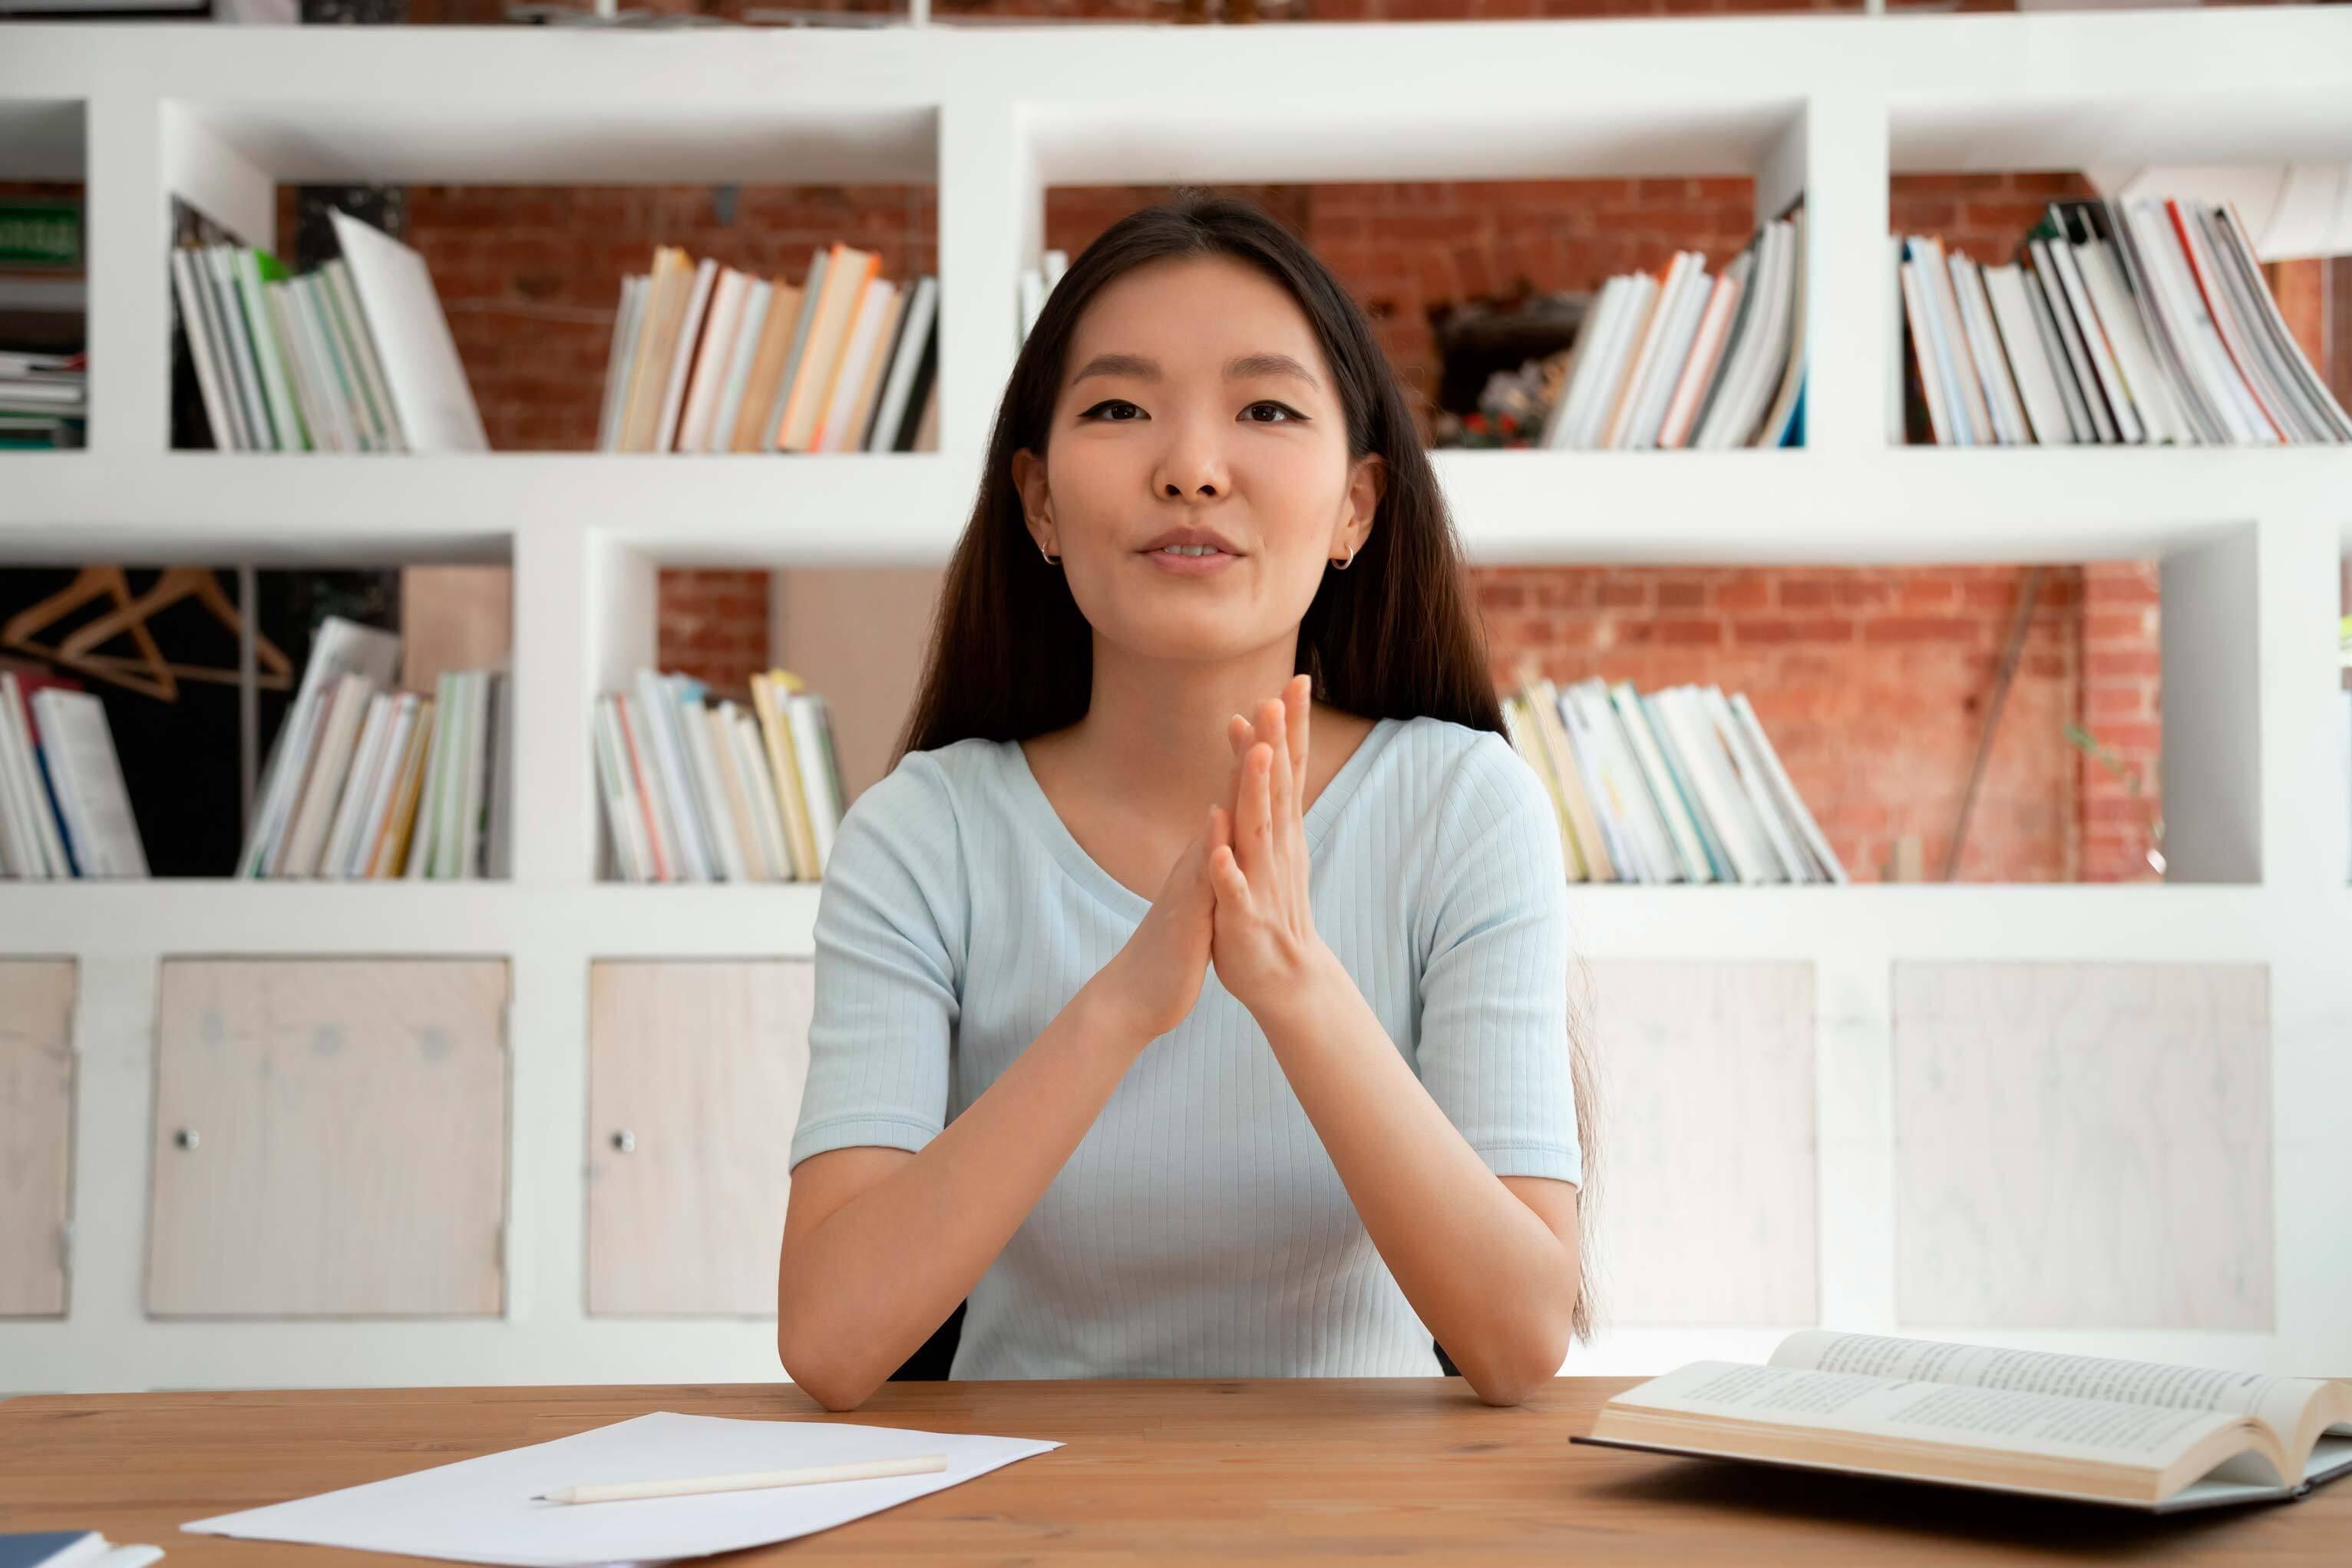 Autoexplicação é um dos métodos de estudo mais indicados por estudantes e especialistas